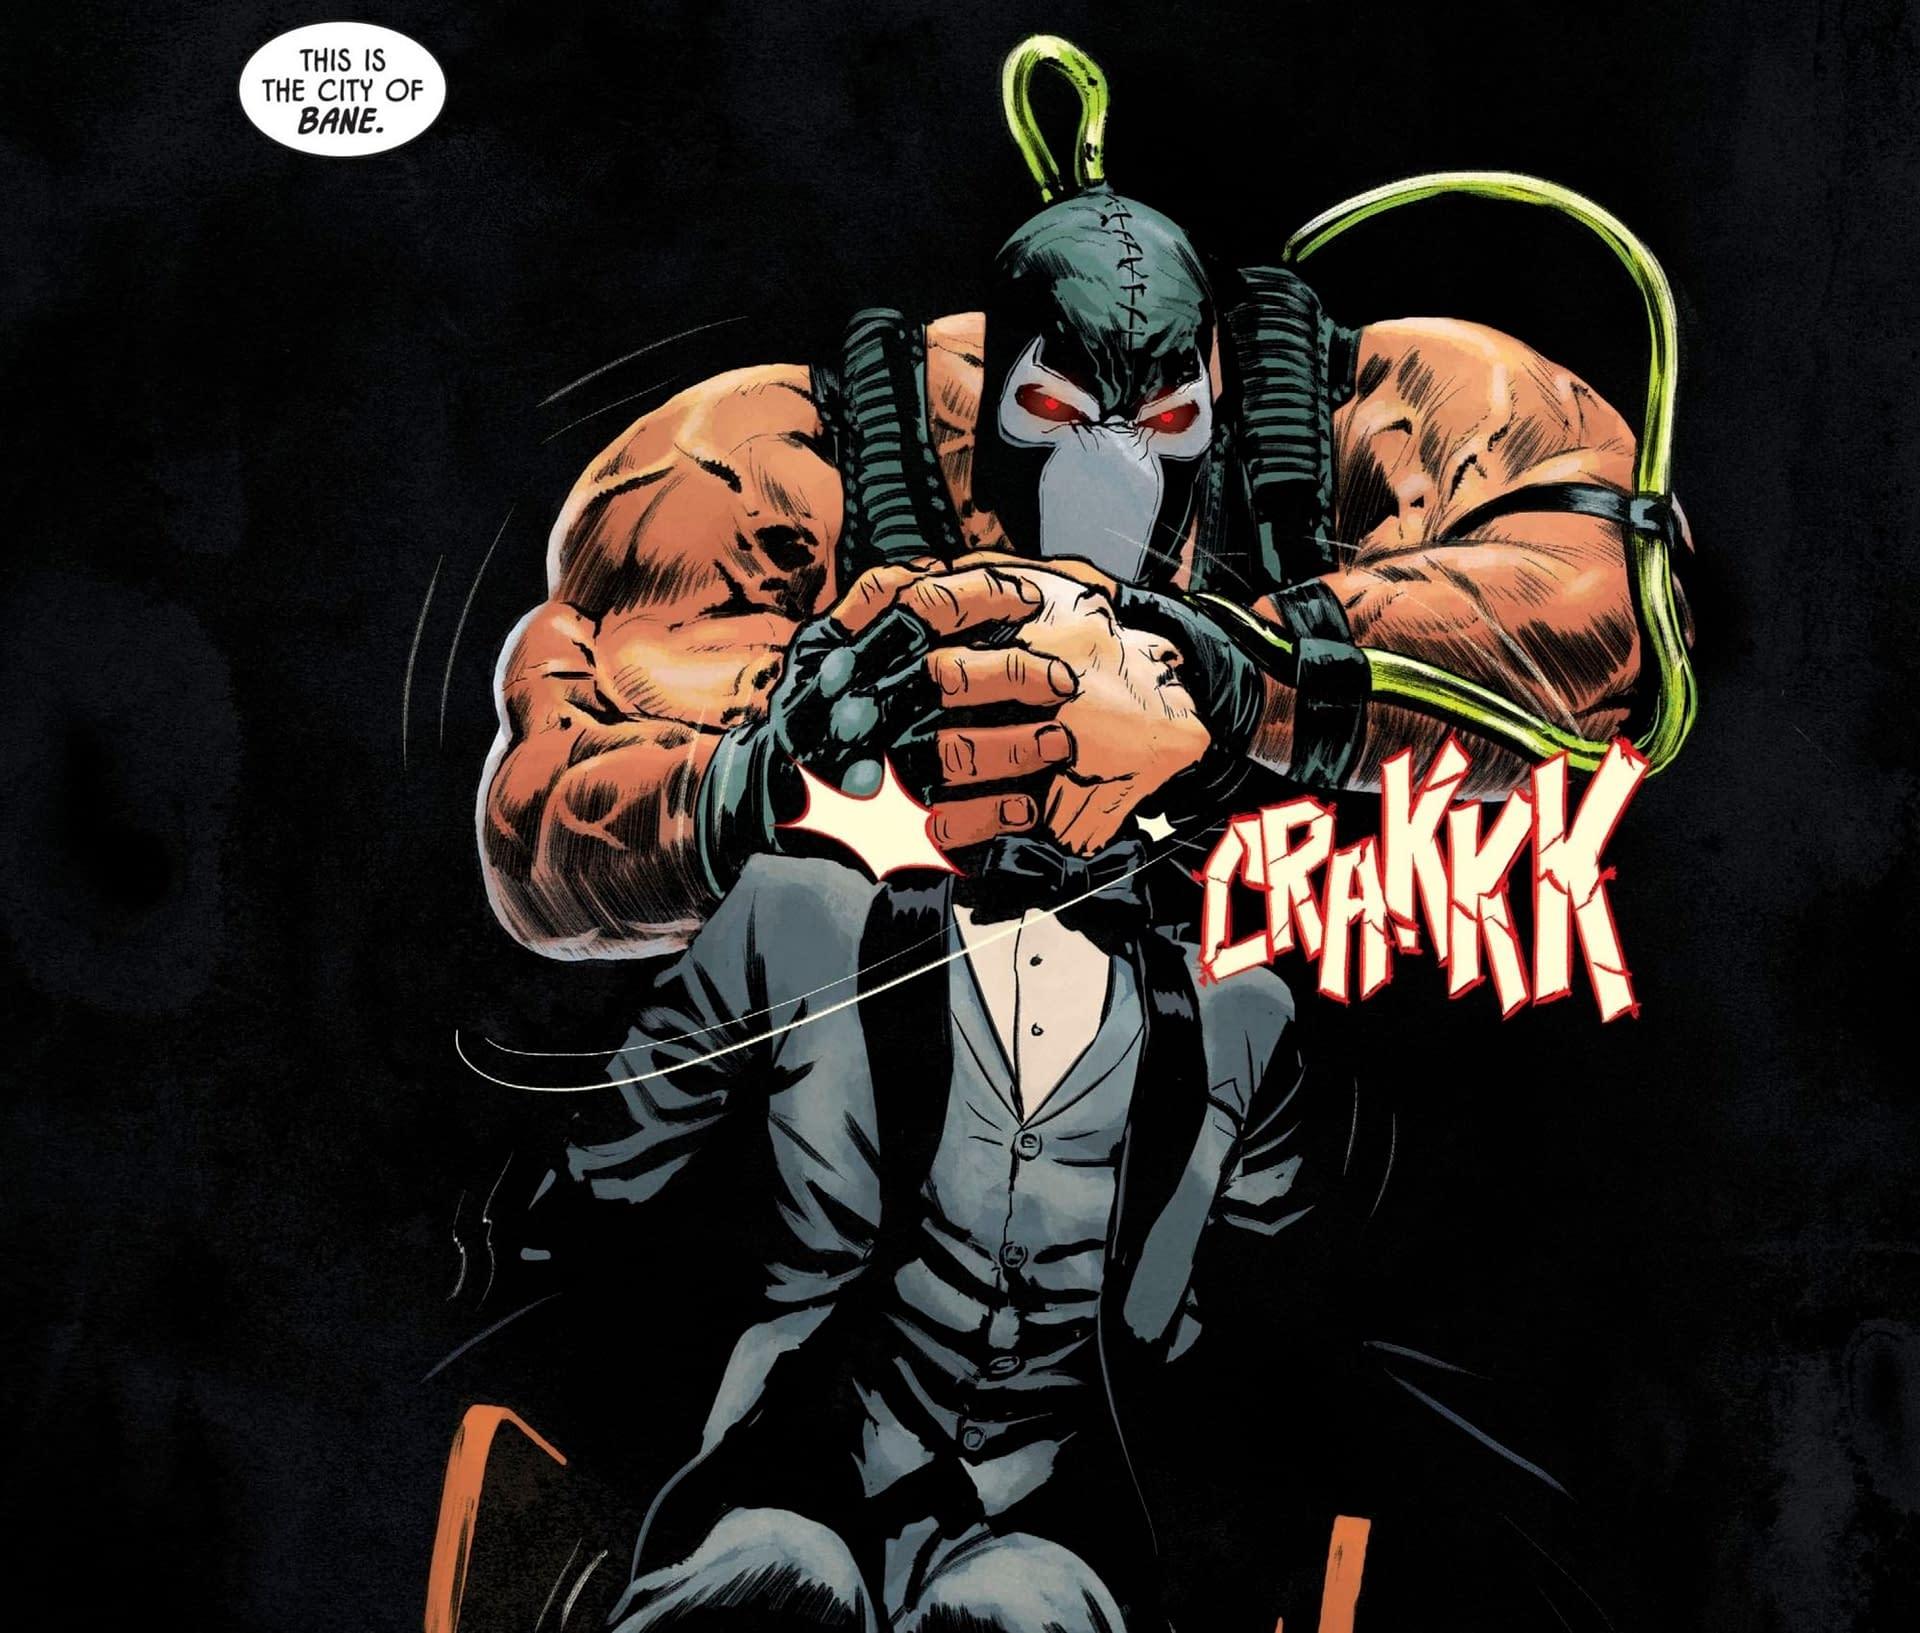 Bane Versus Joker For 2021? (Joker War Spoilers)